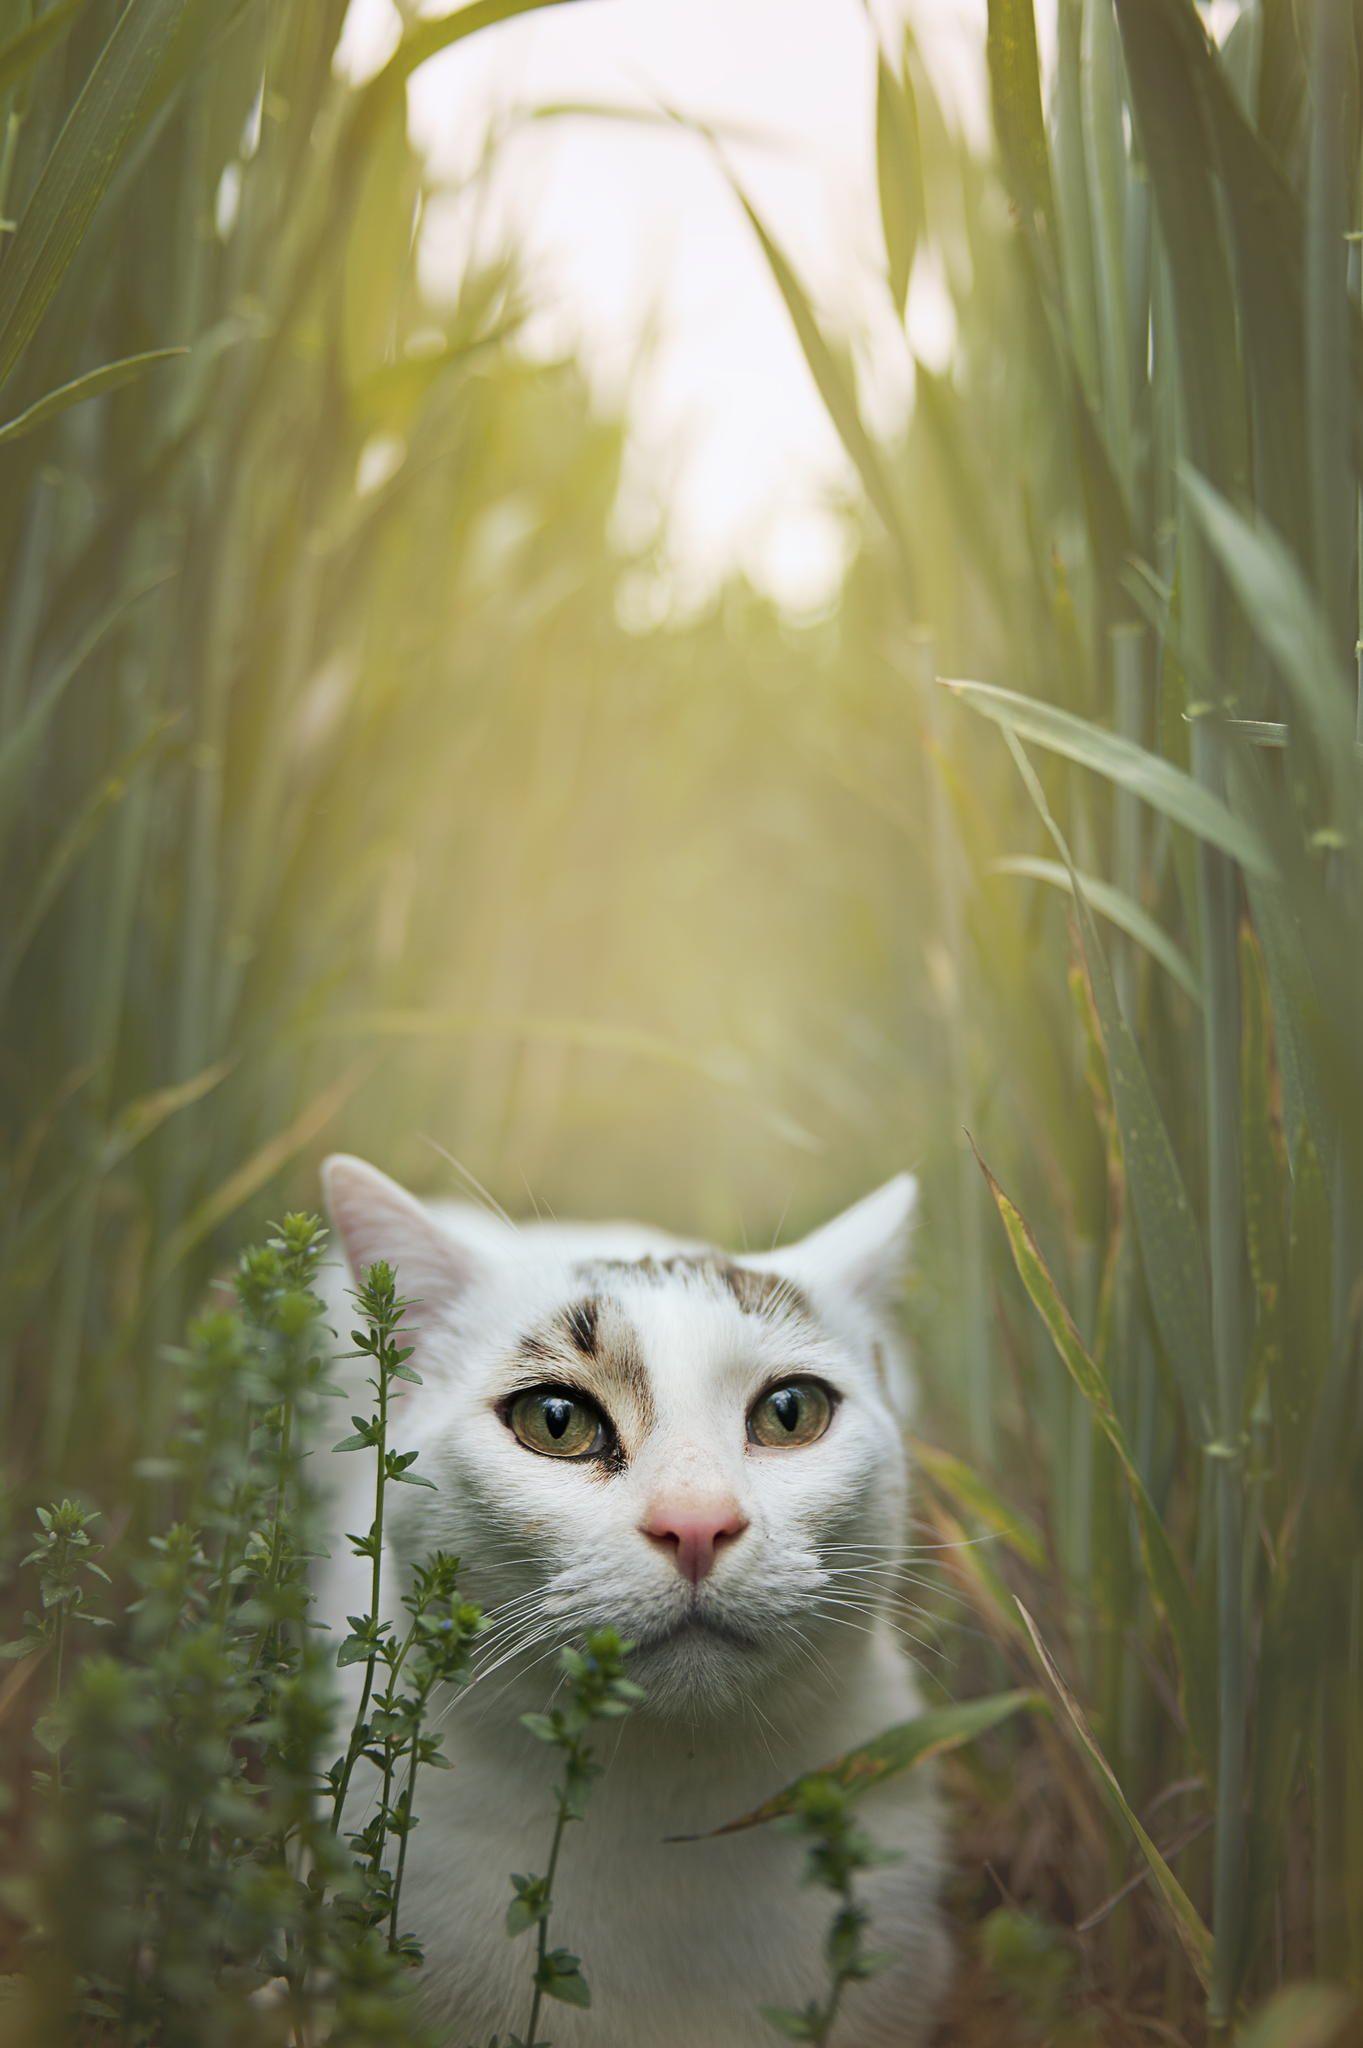 cat by Elena Joland / 500px